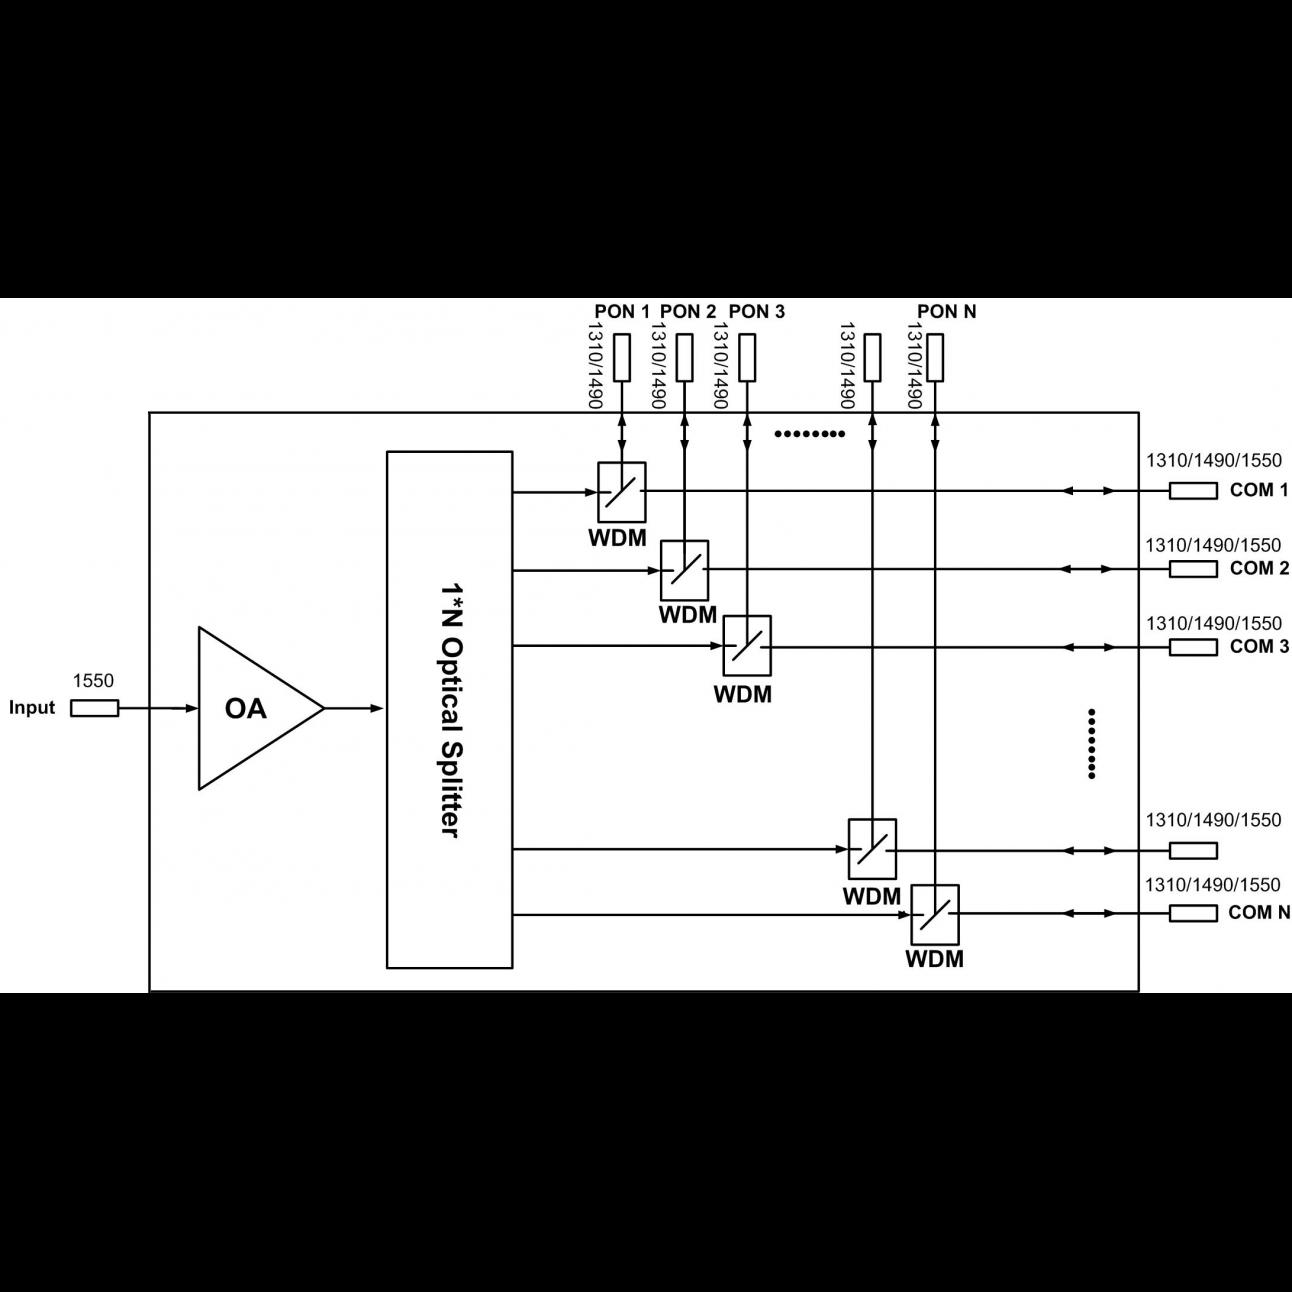 Оптический усилитель VERMAX для сетей КТВ, 16*23dBm, WDM фильтр PON